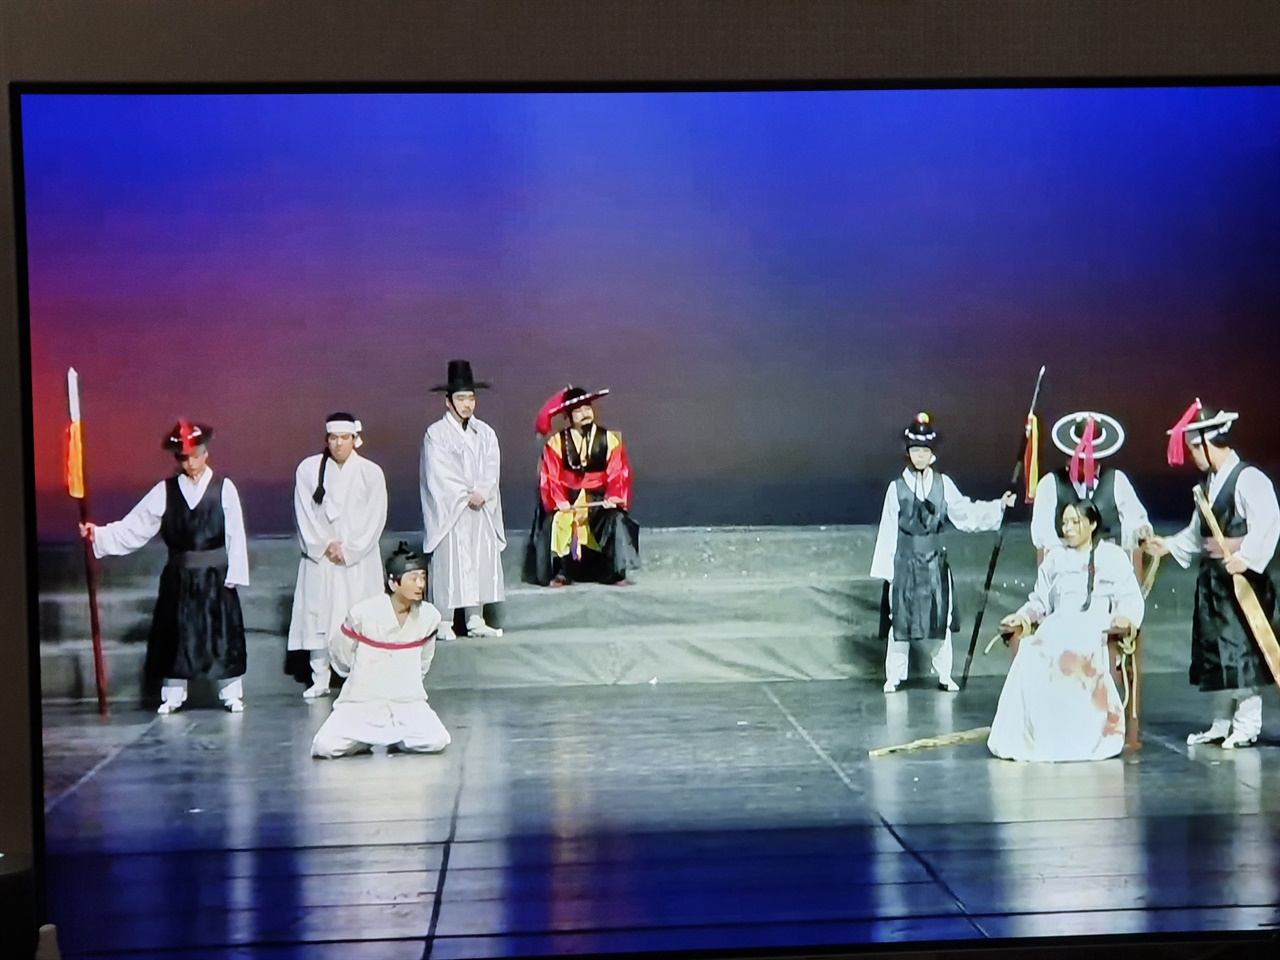 연극 '홍윤애의 悲歌(비가)' 한 장면 제주목사 김시구가 조정철과 홍윤애를 붙잡아 놓고 가혹하게 추궁하는 장면.